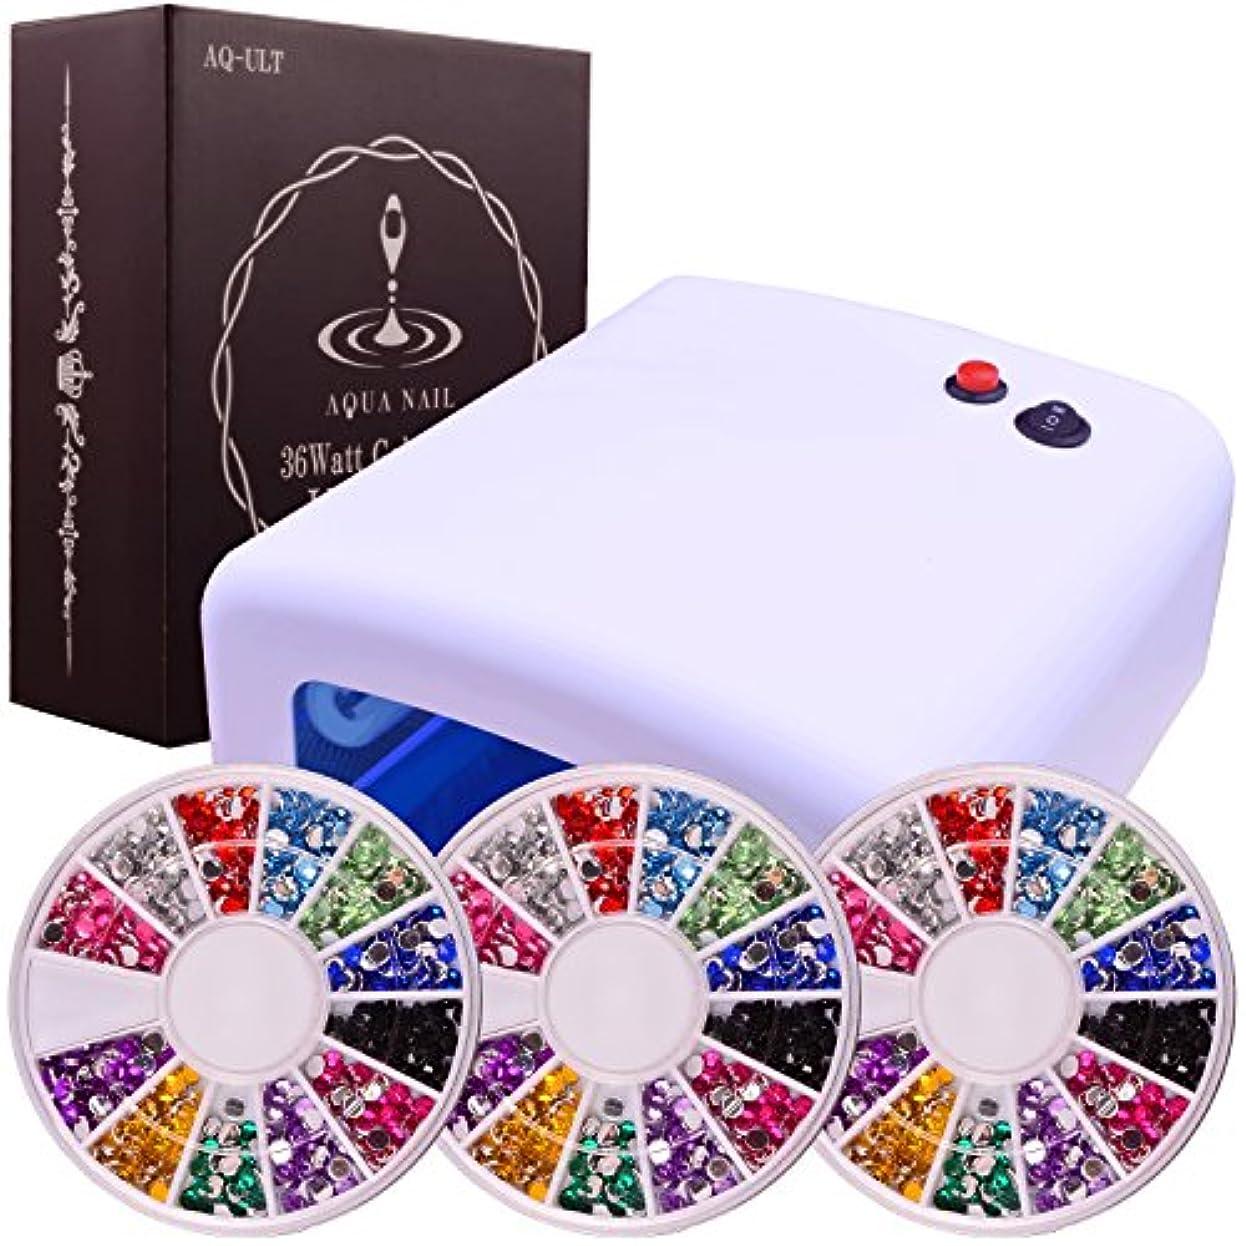 サミット空洞貫入UVライト 36W (白) ネイル レジン アクリルストーン 12色3サイズセット 本体+電球4本付 安心3ヶ月保証 日本語説明書付AQUA NAIL(ホワイト)